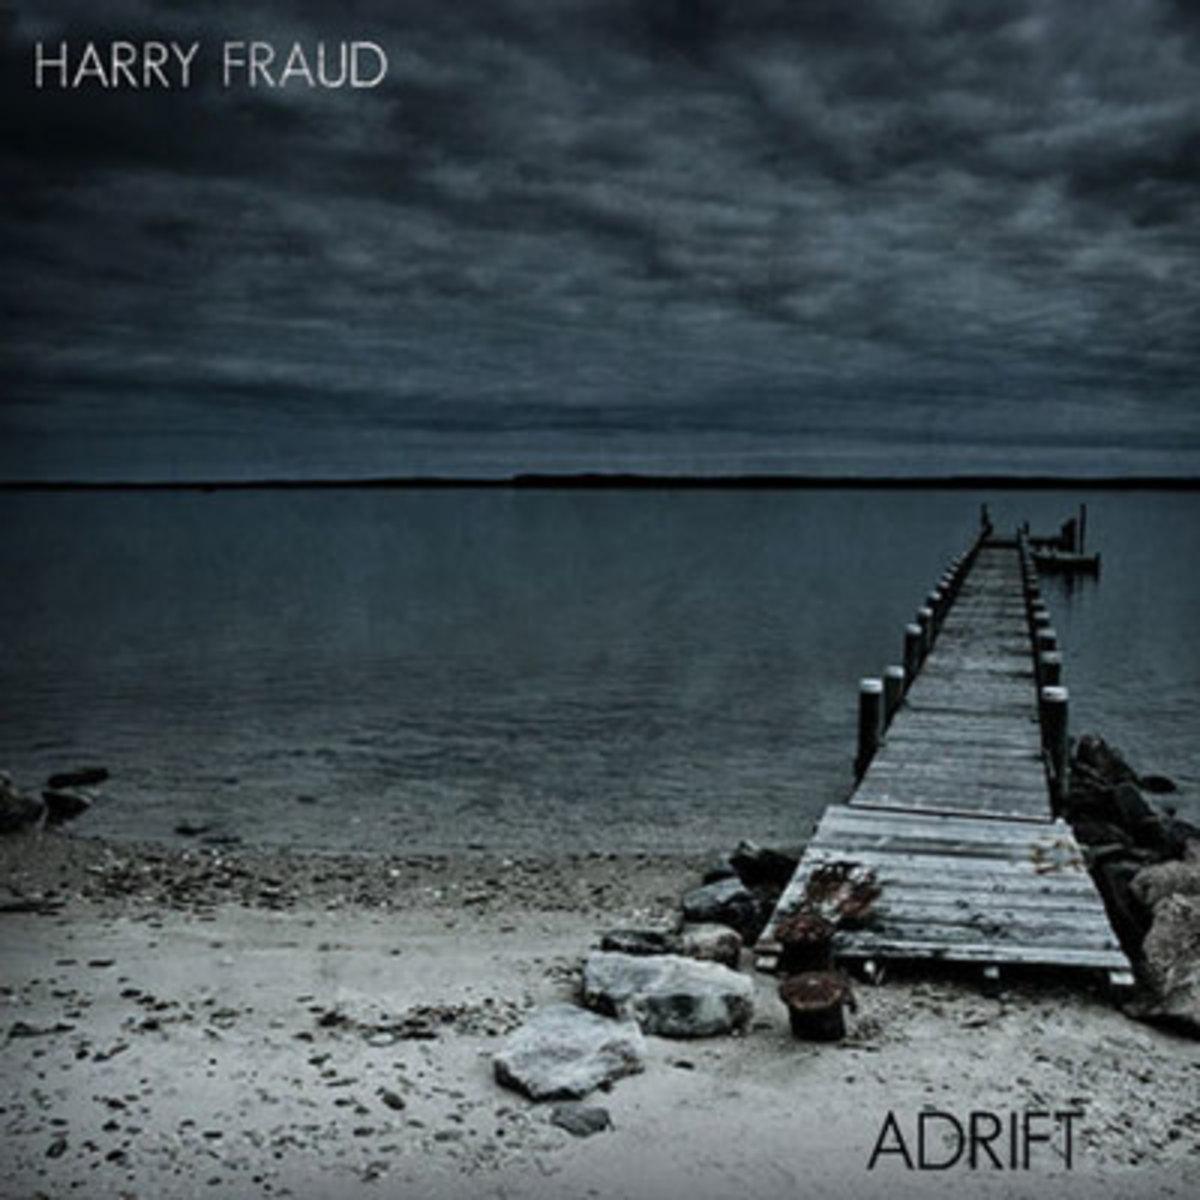 harryfraud-adrift.jpg